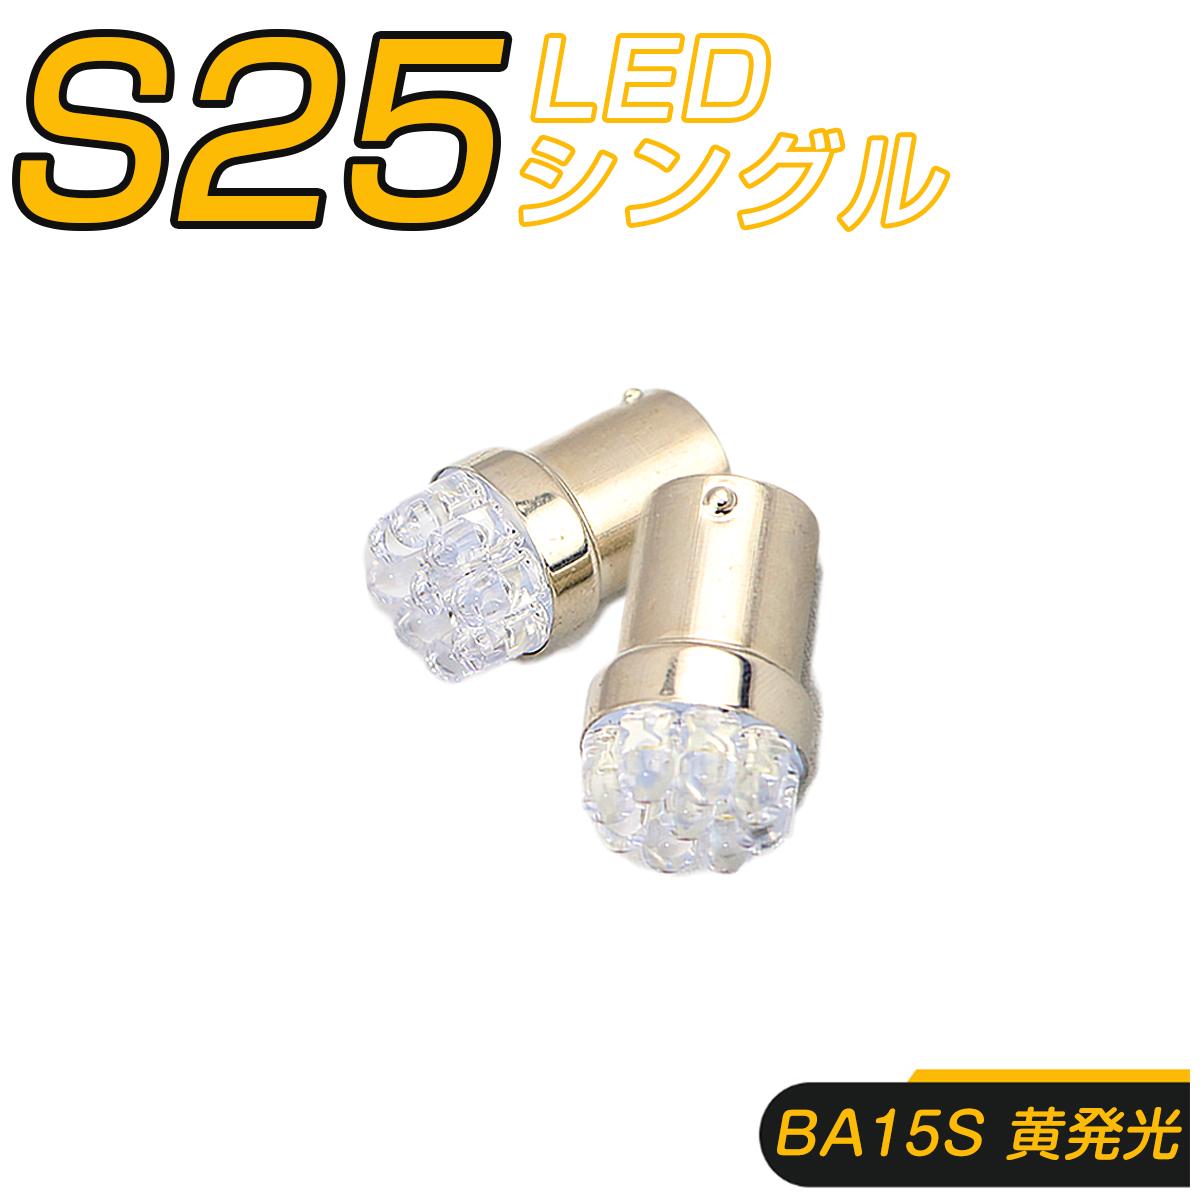 LED S25シングル BA15S 1156 9連 12V車専用 黄 2個セット SDM便送料無料 3ヶ月保証